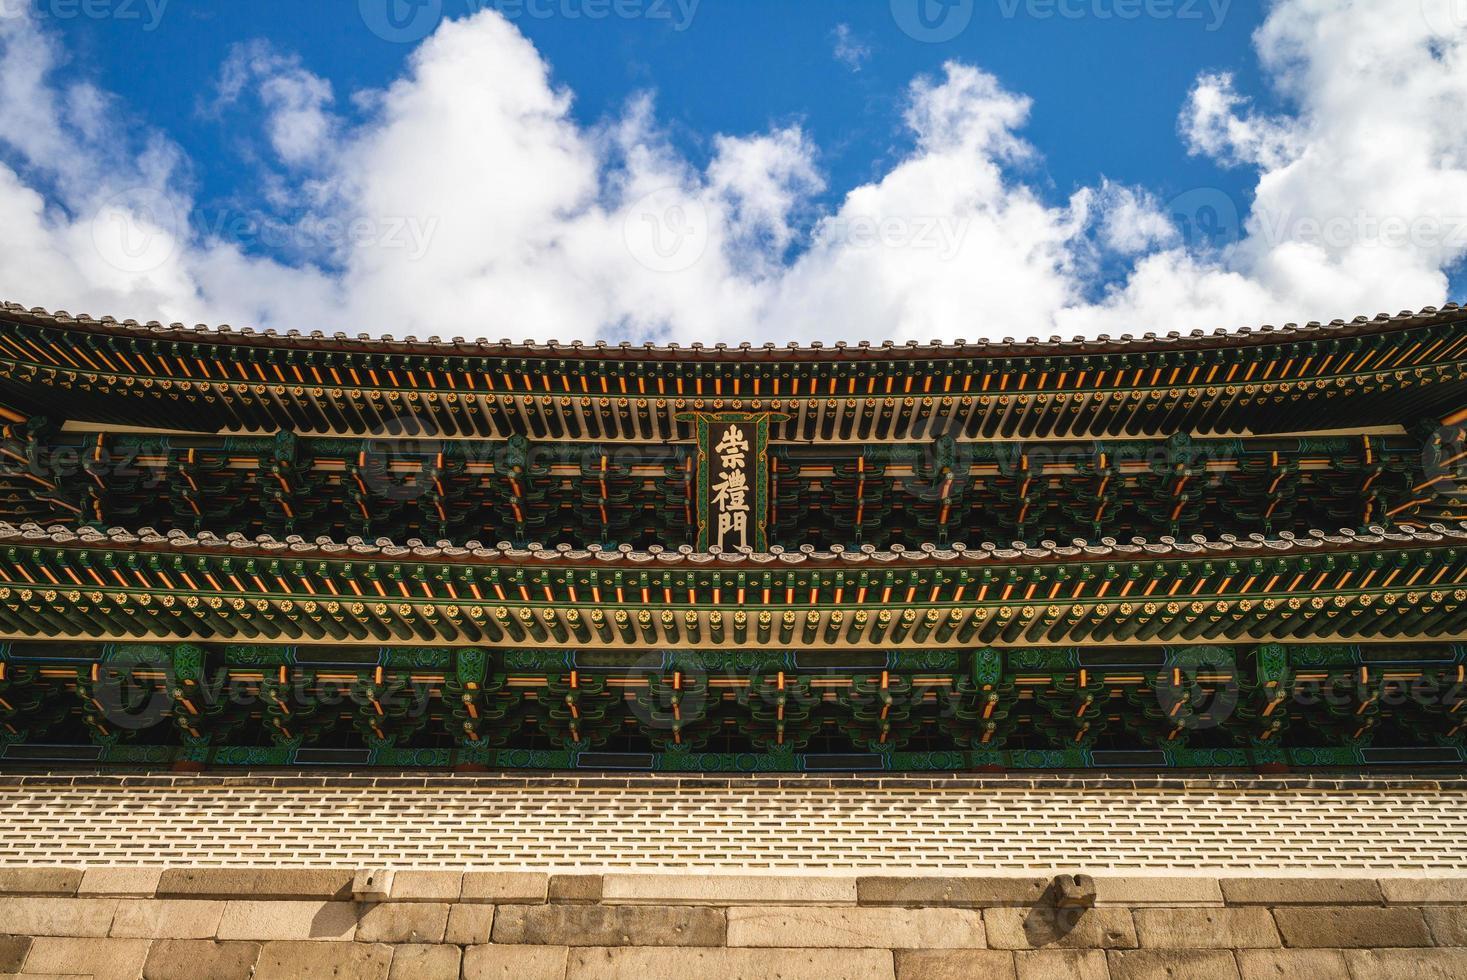 sungnyemun, gran puerta sur de la antigua ciudad de seúl en corea del sur foto